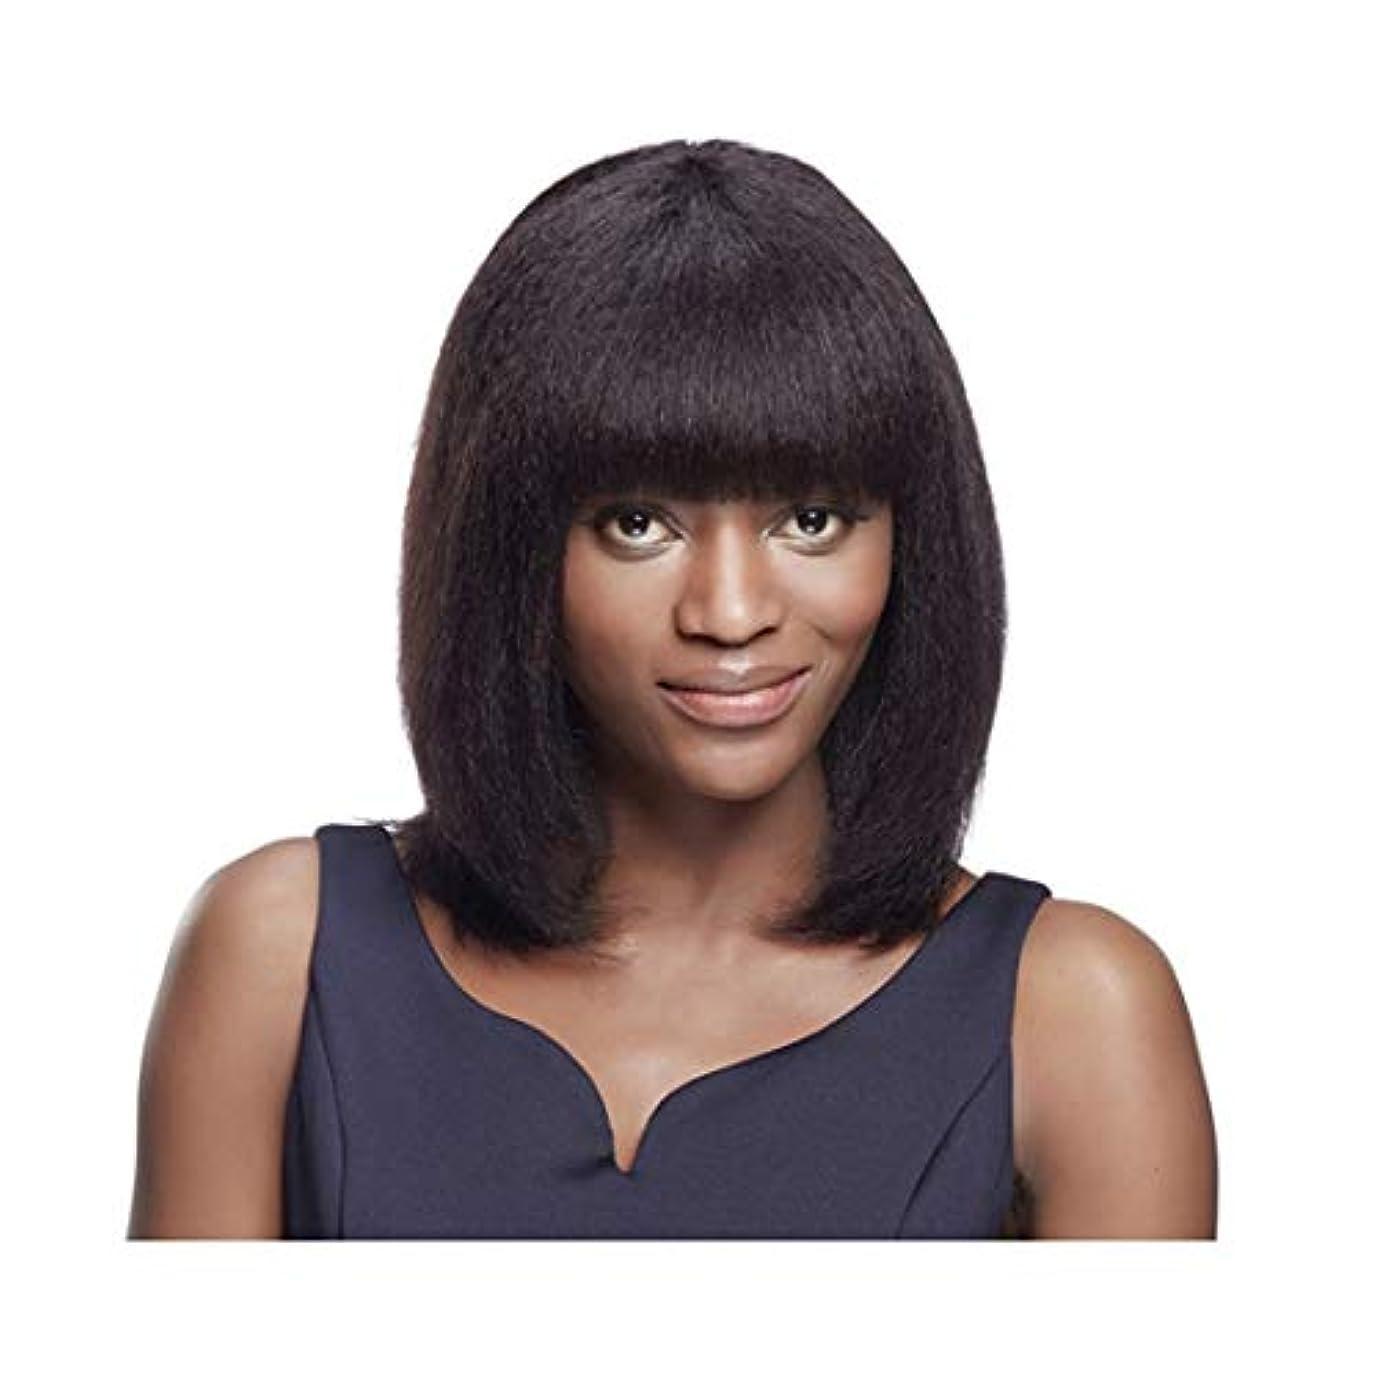 シールドピンク取り除くSummerys レディースショートヘアふわふわナチュラルウェーブヘッドと前髪ウィッグセット